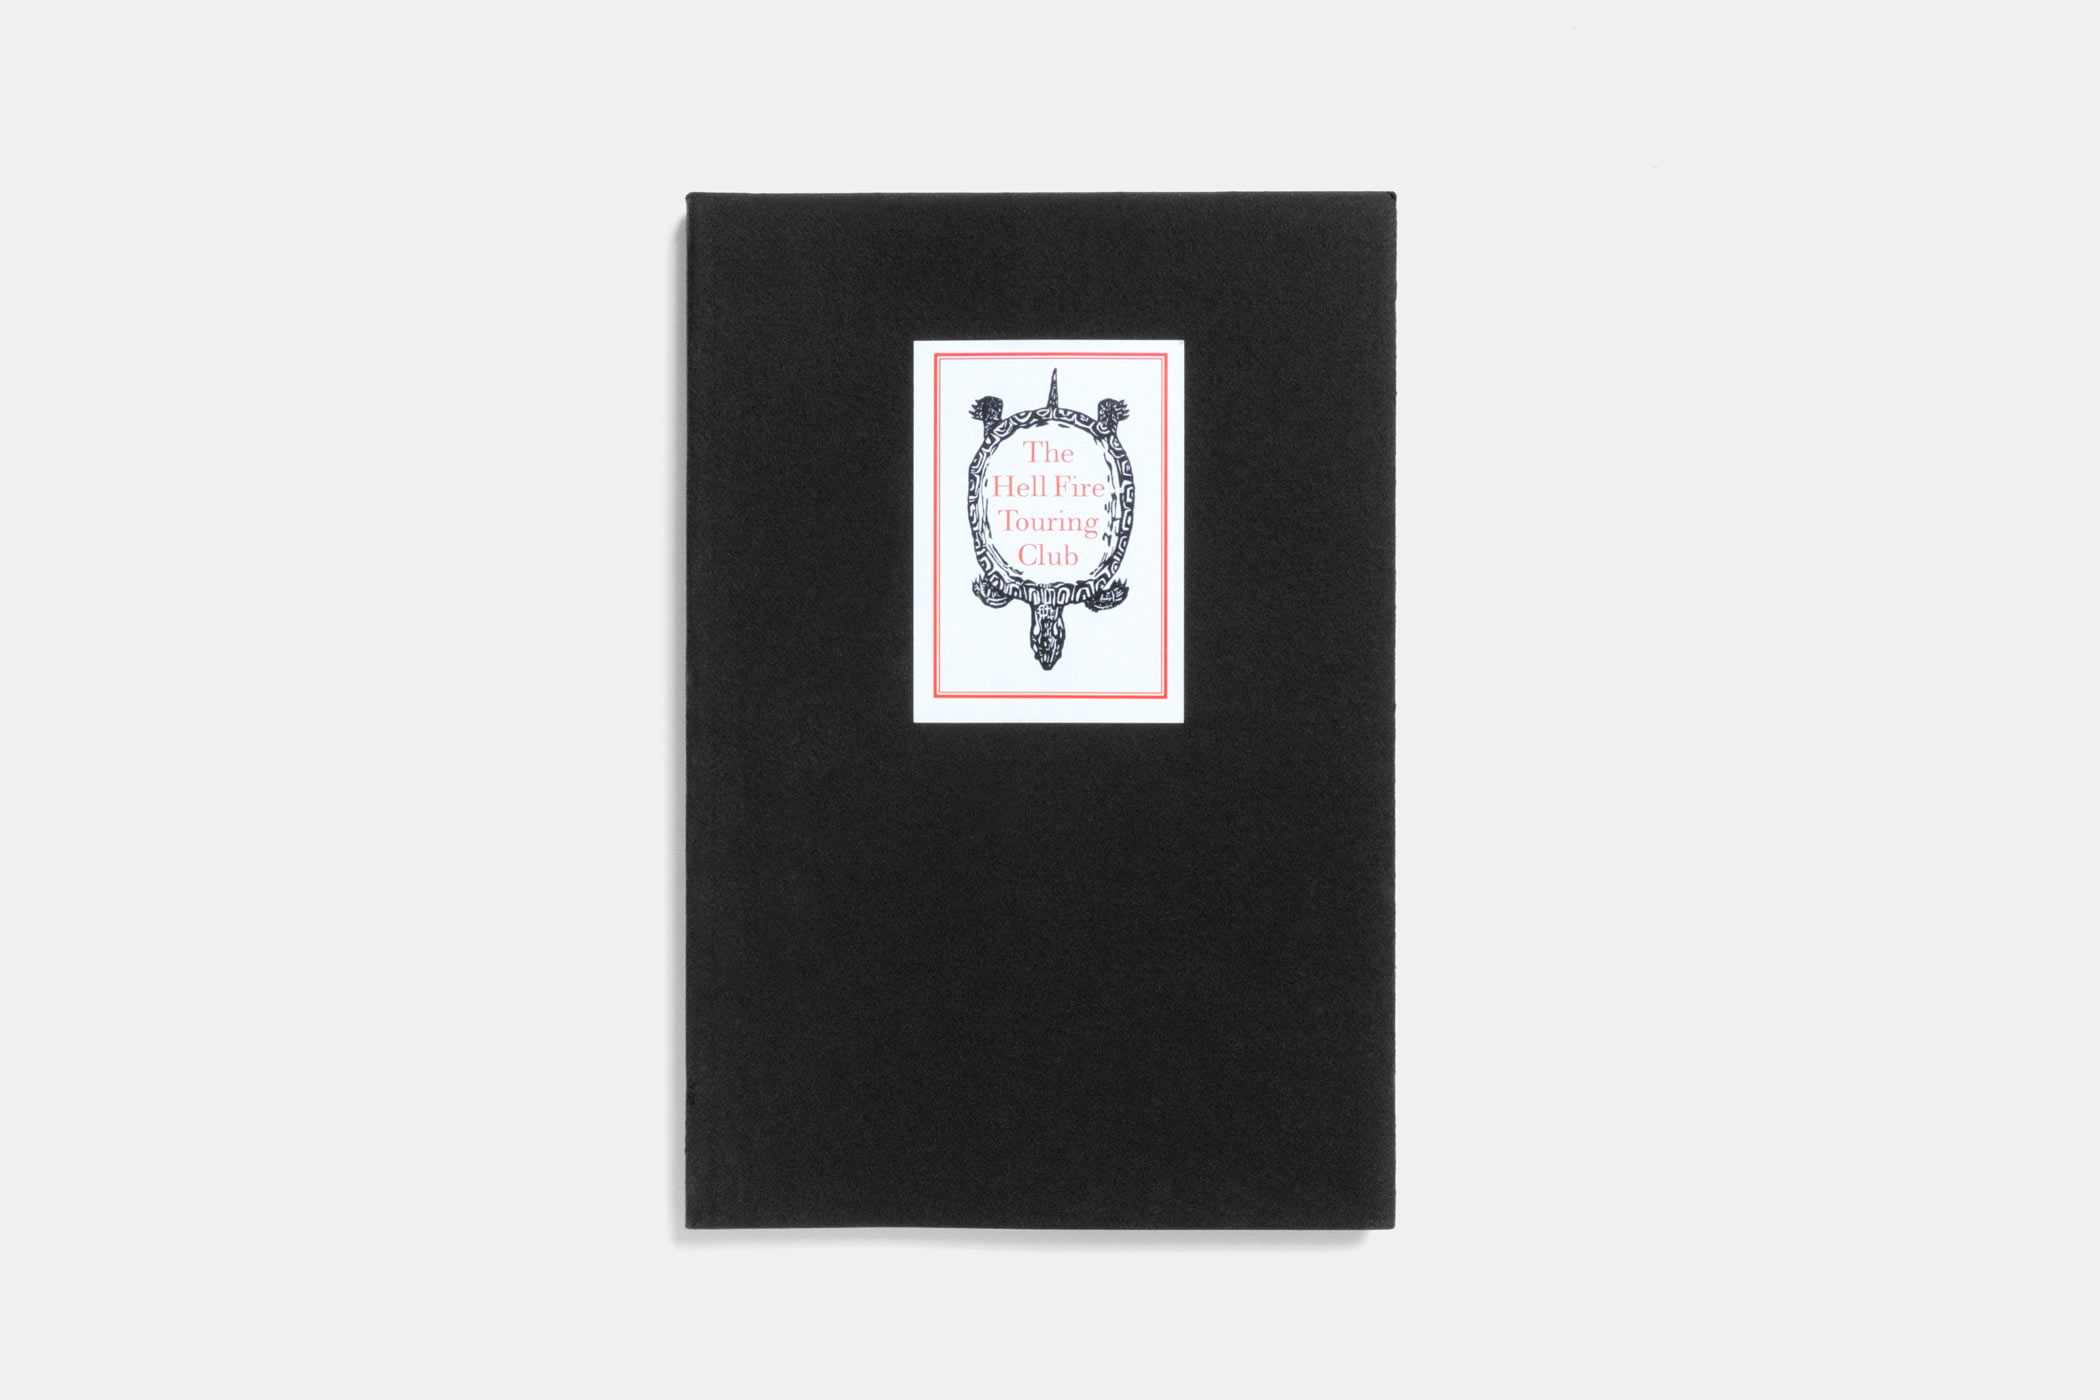 """Das Buch """"The Hell Fire Touring Club"""" erschienen im Verlag Pharsalia mit einem Holzschnitt einer Schildkröte von Christian Thanhäuser am Umschlag"""